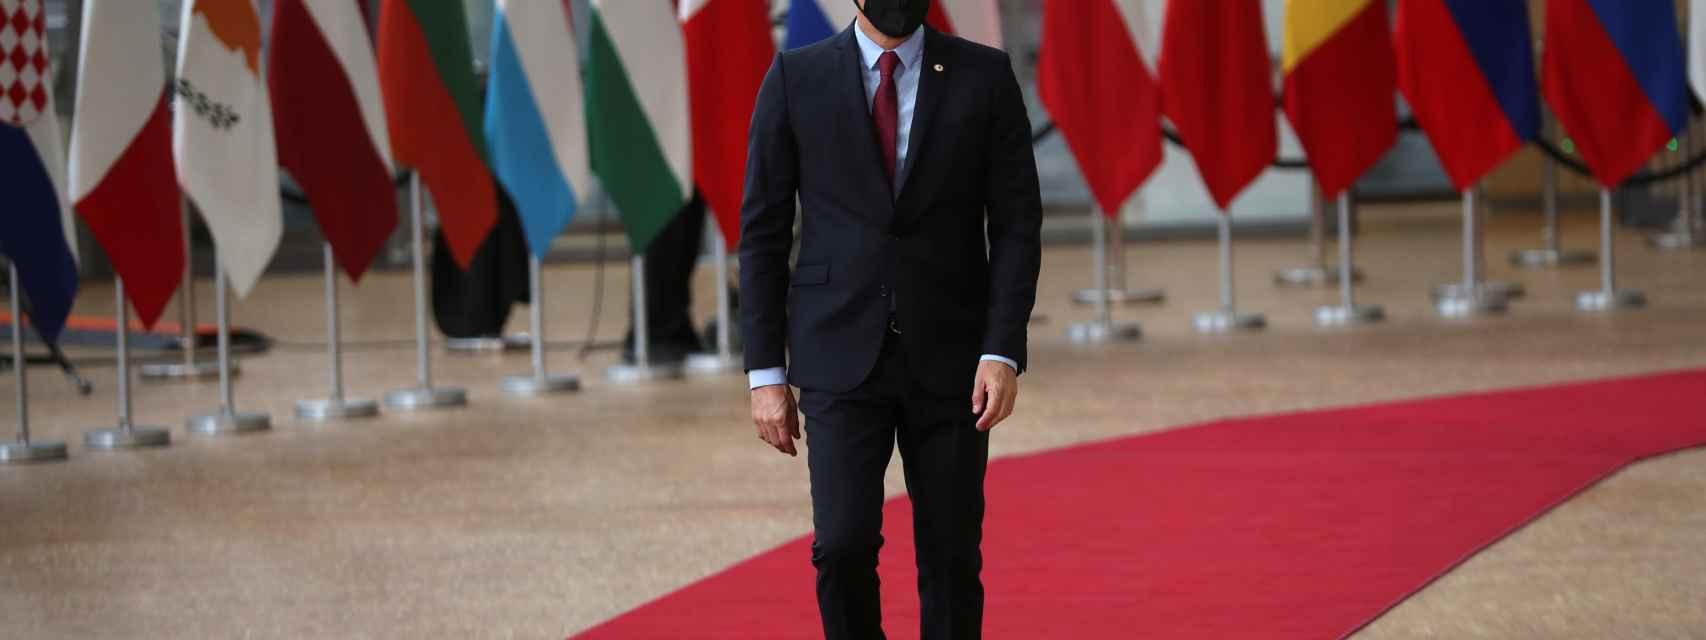 El presidente del Gobierno, Pedro Sánchez, a su llegada este viernes a la cumbre de Bruselas